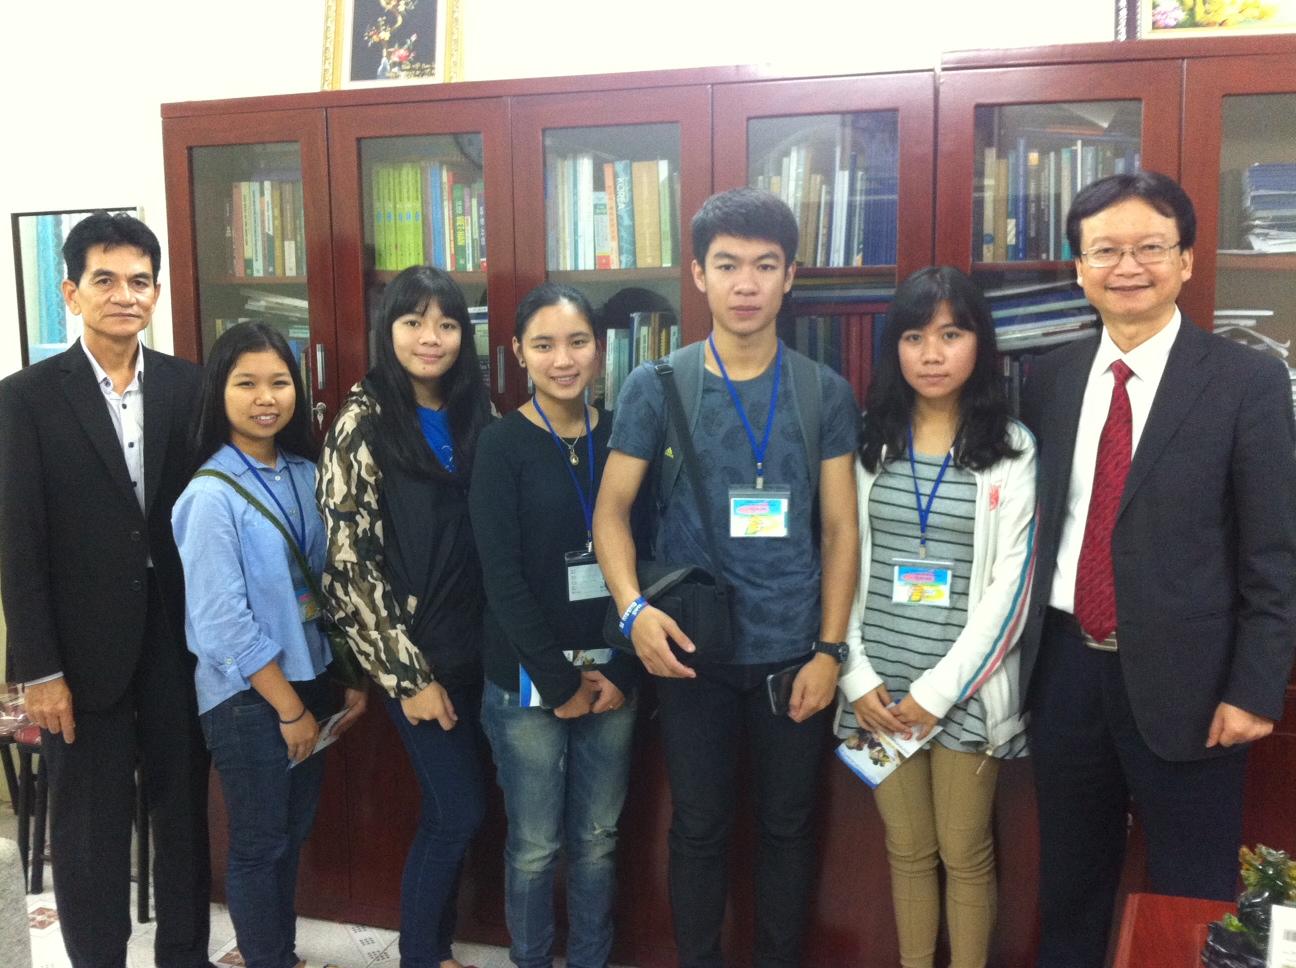 Đón đoàn học sinh THPT Phathumthep Witthayakarn, Thái Lan